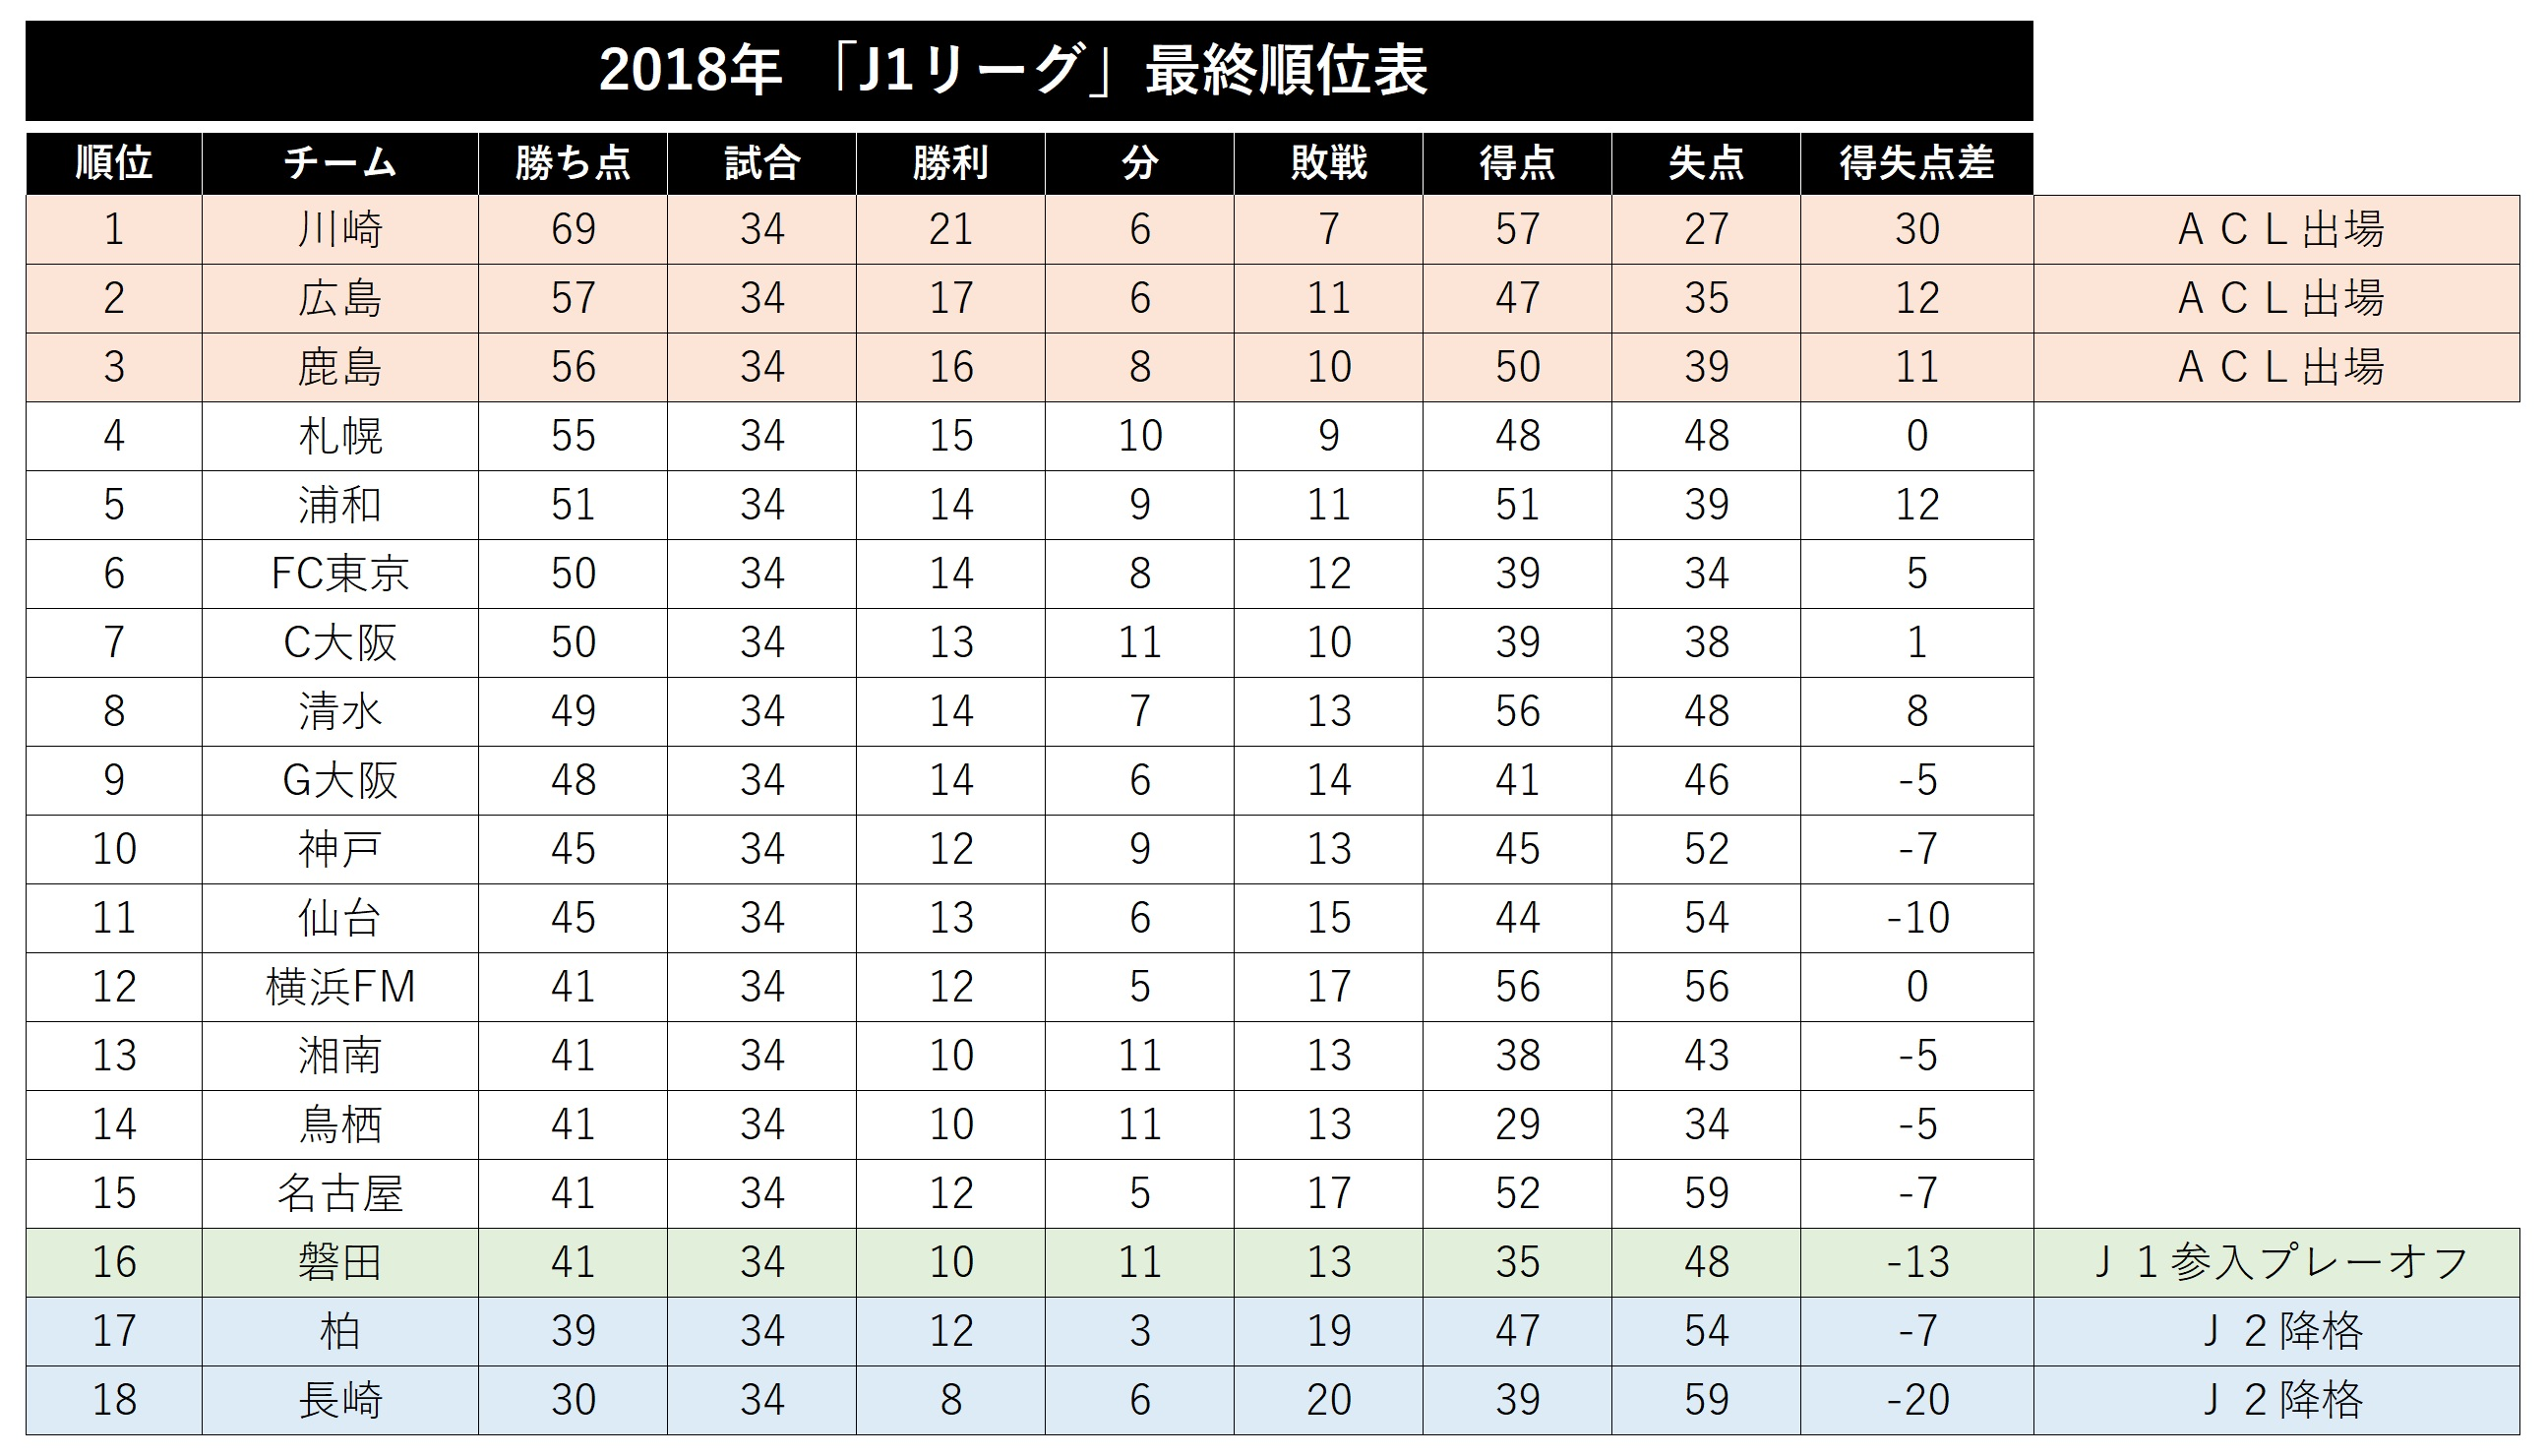 2018年「J1リーグ」最終順位表【画像:Football ZONE web】